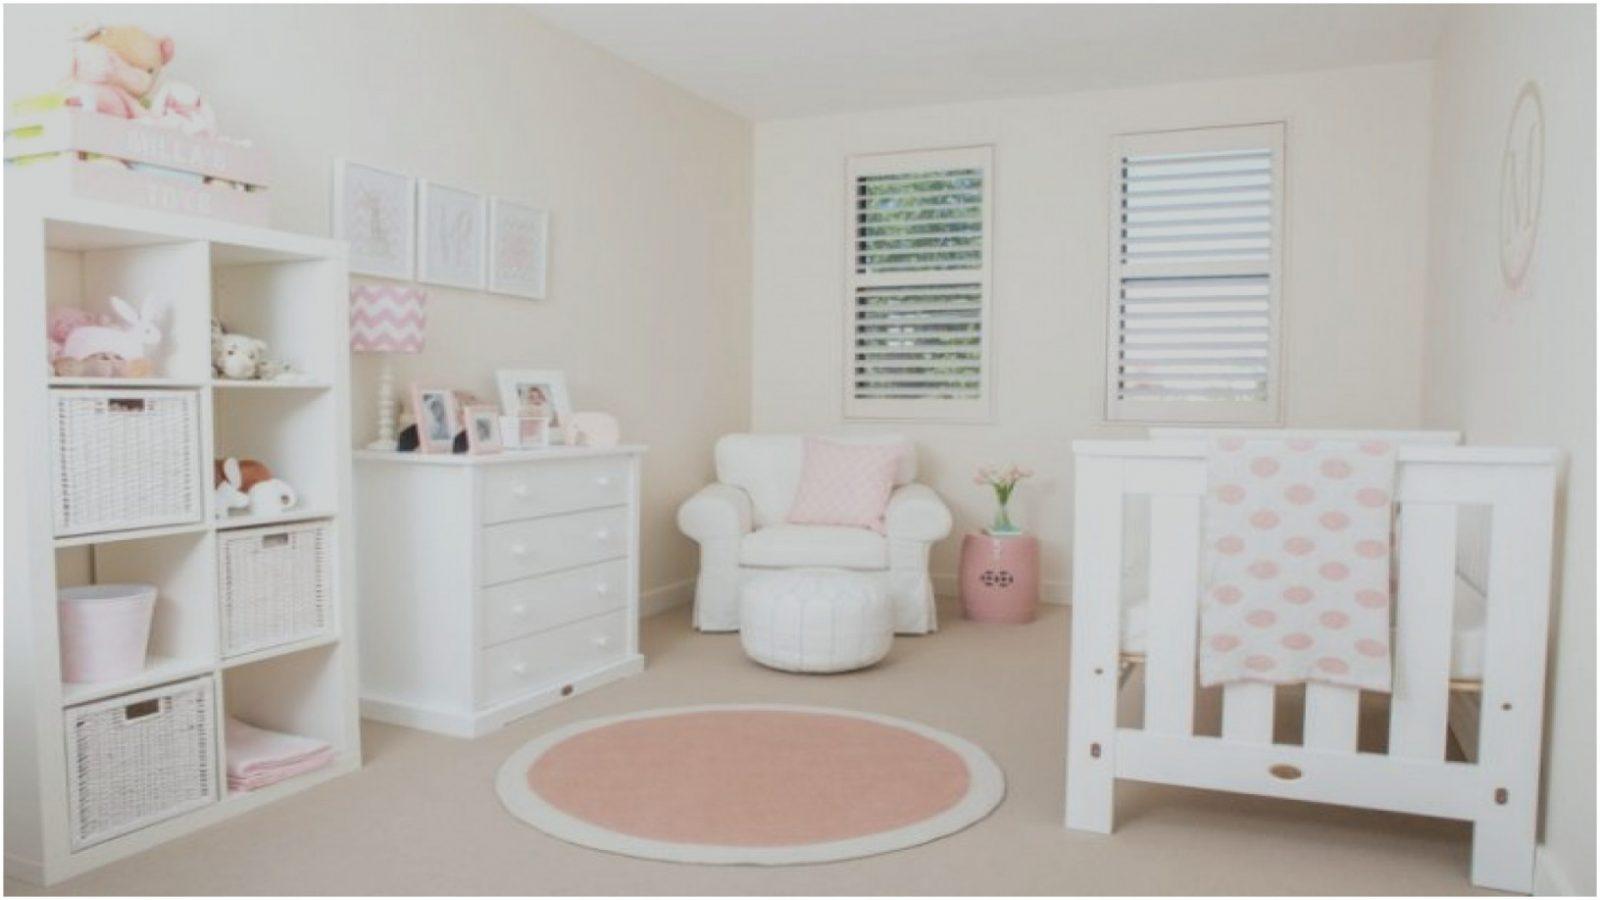 1 Babyzimmer Deko Ideen Prima Bezaubernde Ideen Babyzimmer von Deko Ideen Babyzimmer Photo